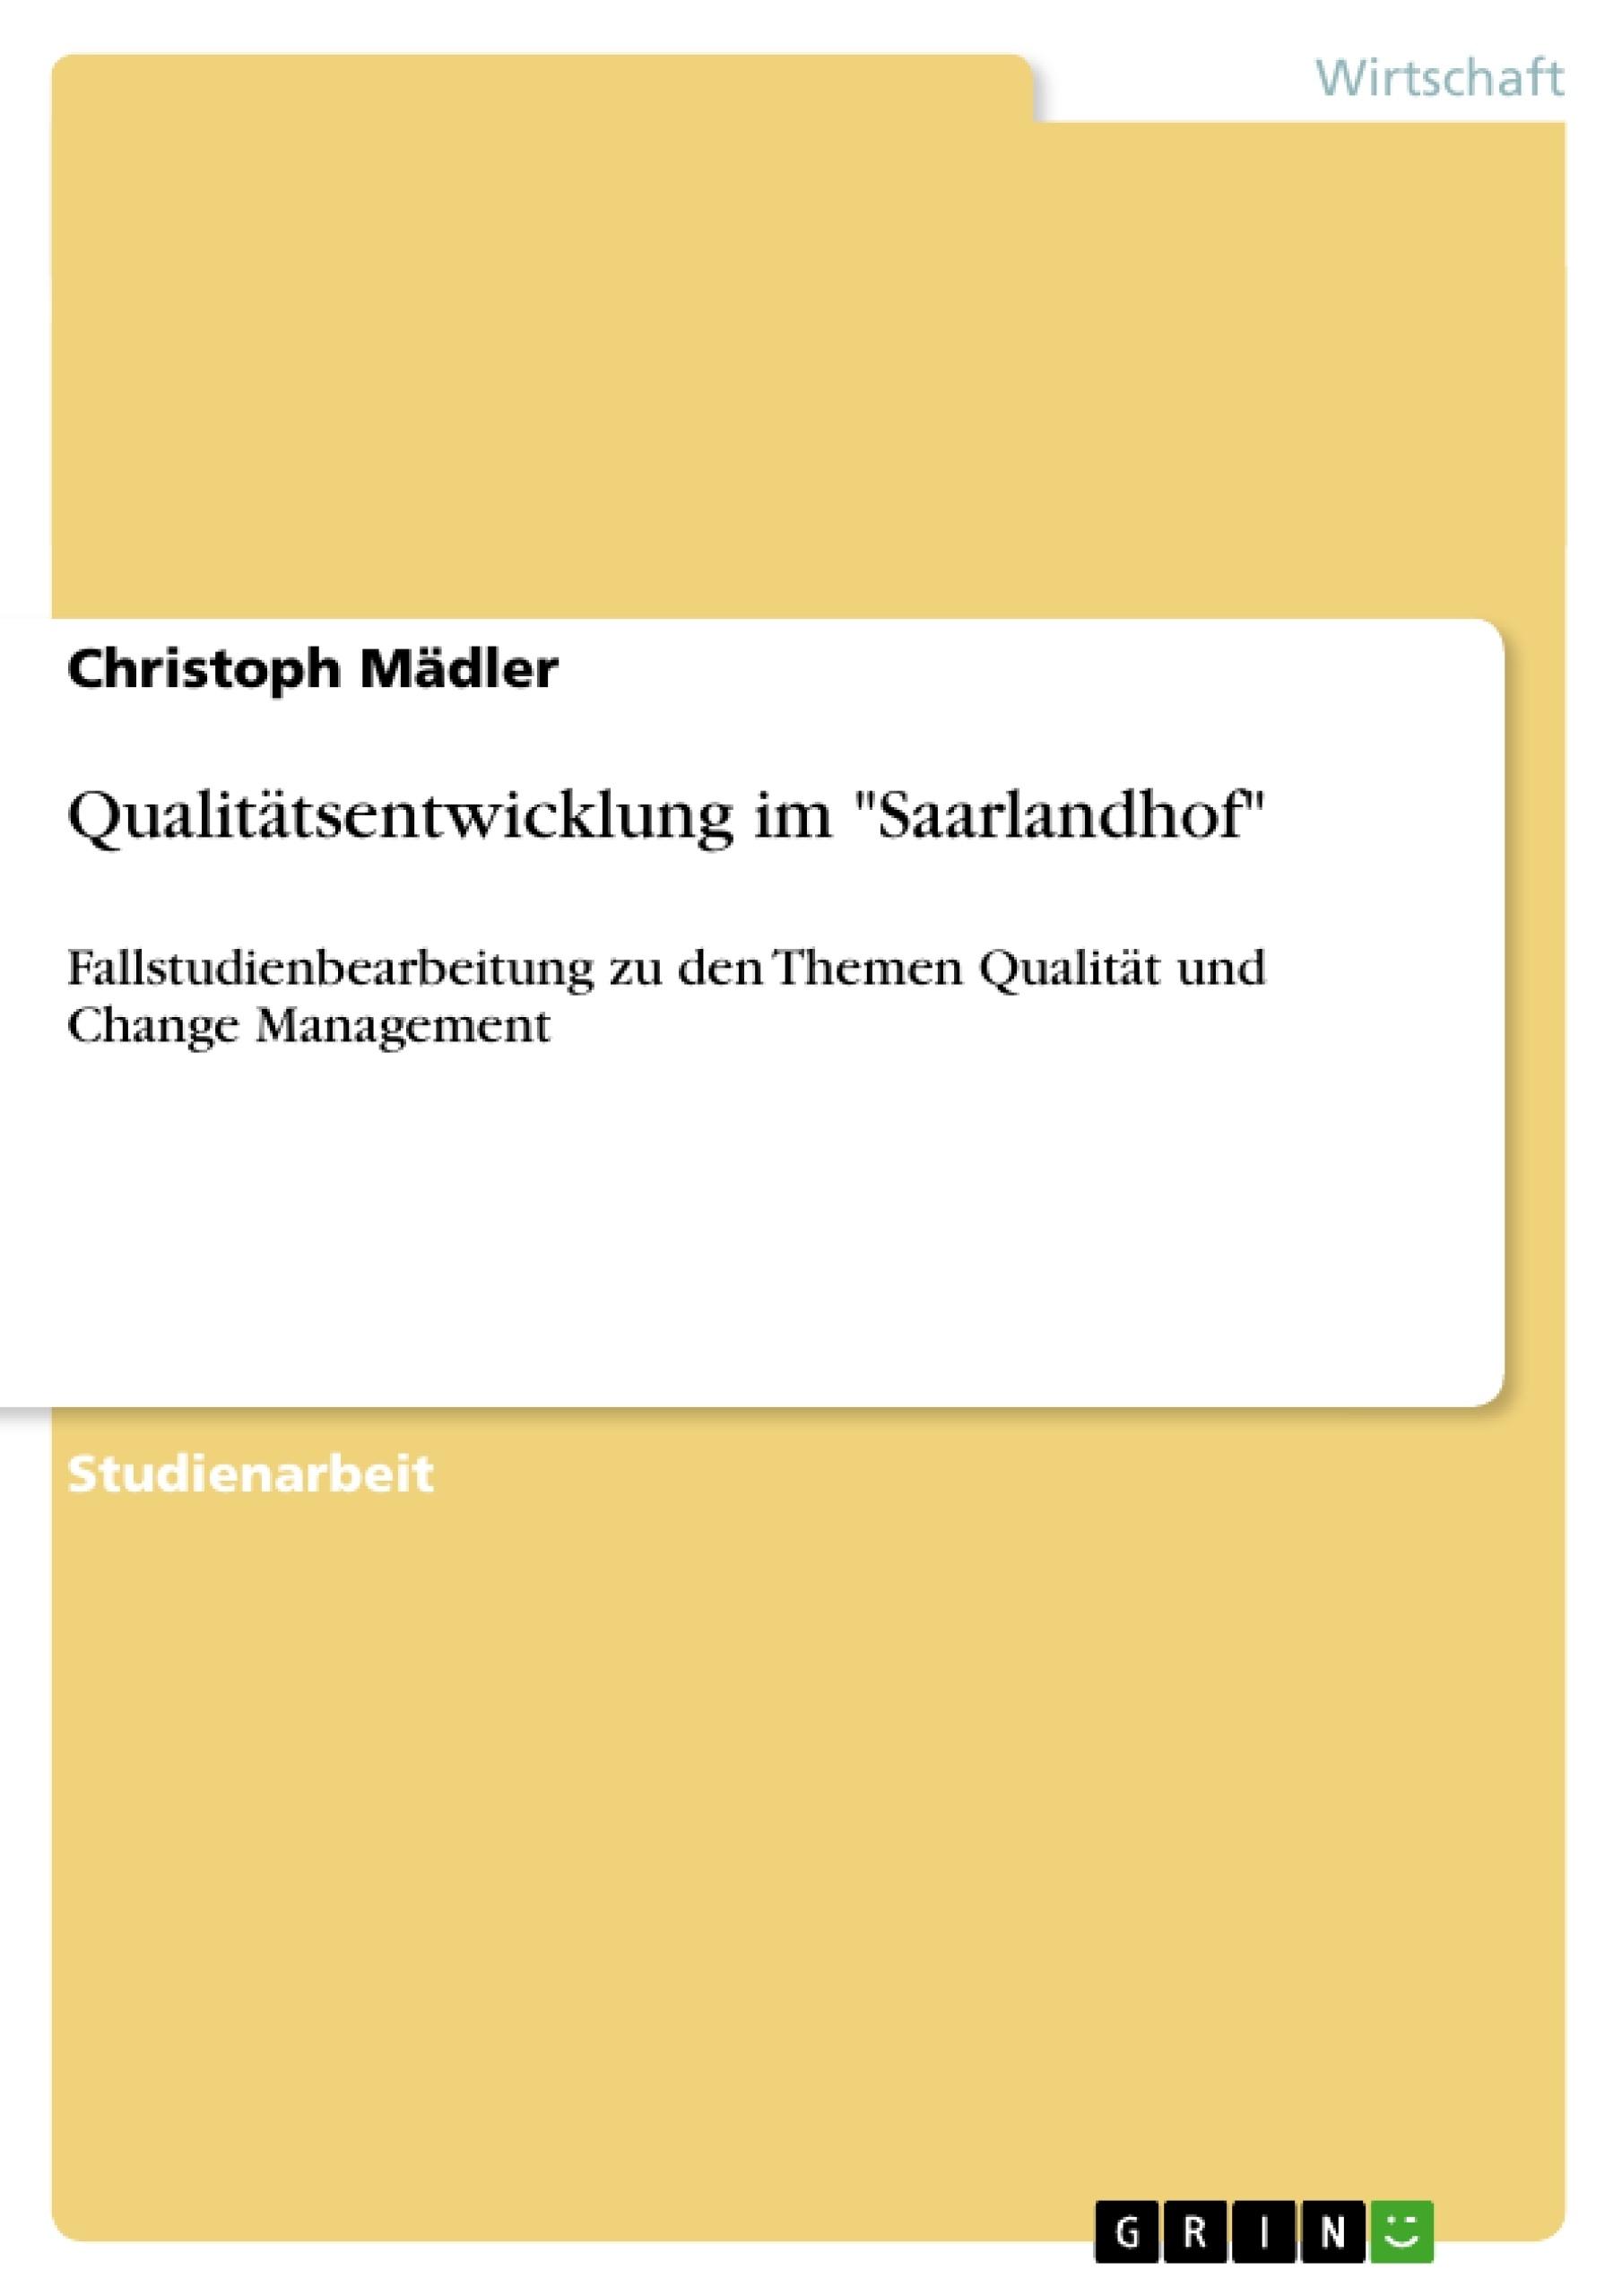 Qualitätsentwicklung Im Saarlandhof Masterarbeit Hausarbeit